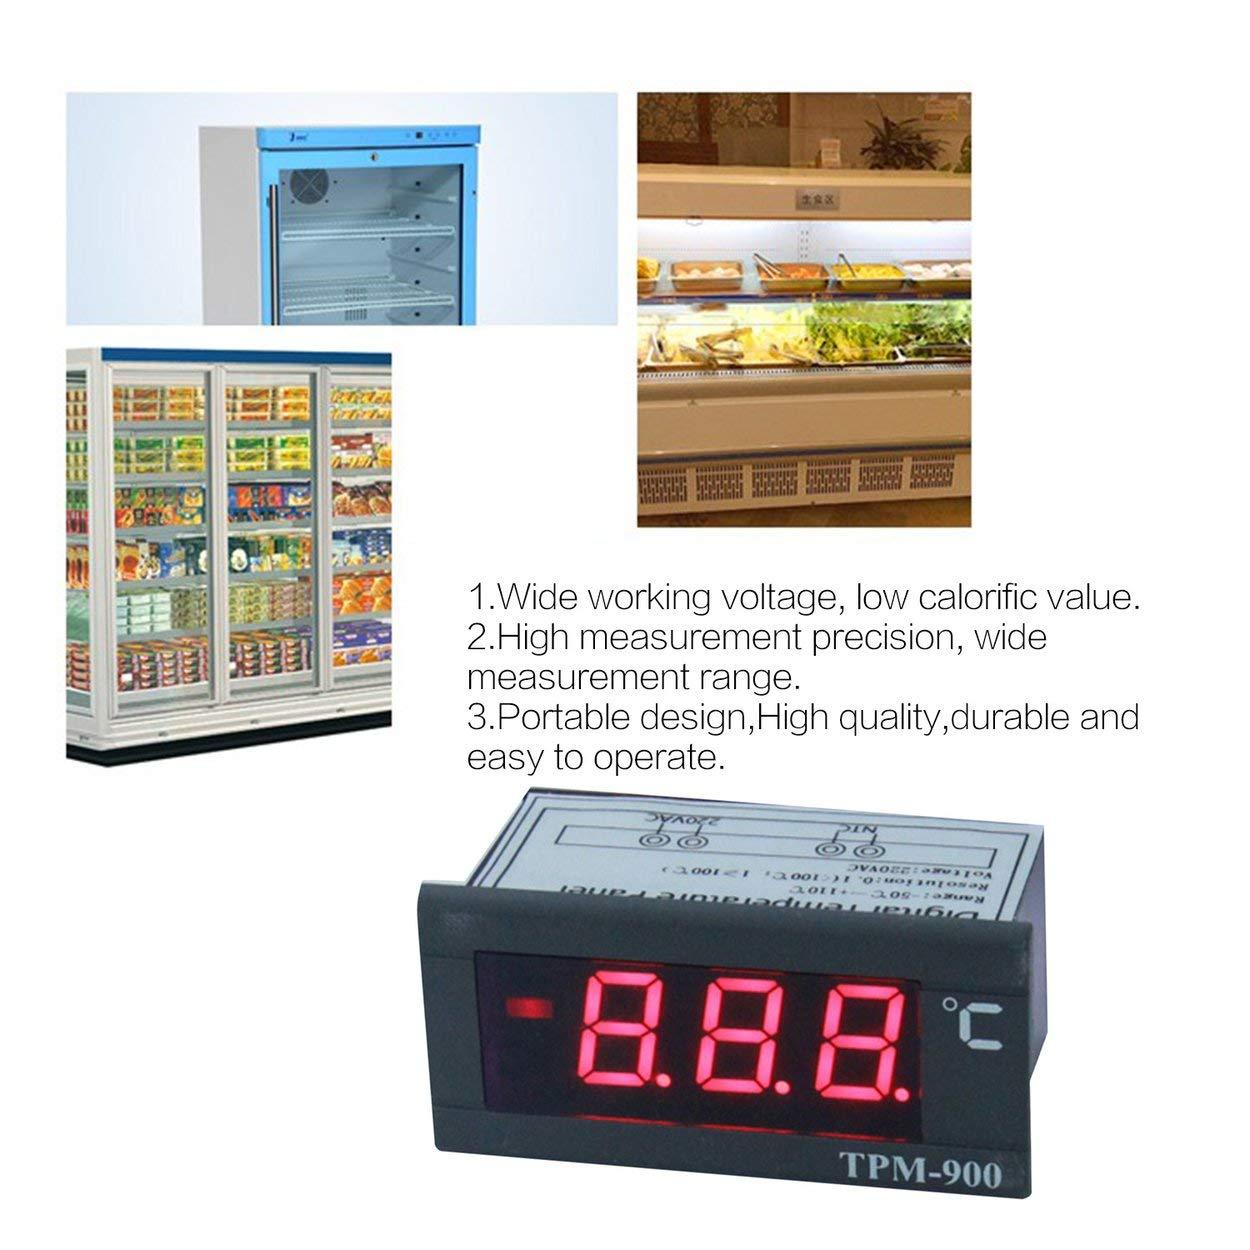 Lorenlli Fit TPM-80 Kühlschrank Digitale Elektronische Thermometer Vitrine Kühltemperatur Tester Meter Scarlet Brief